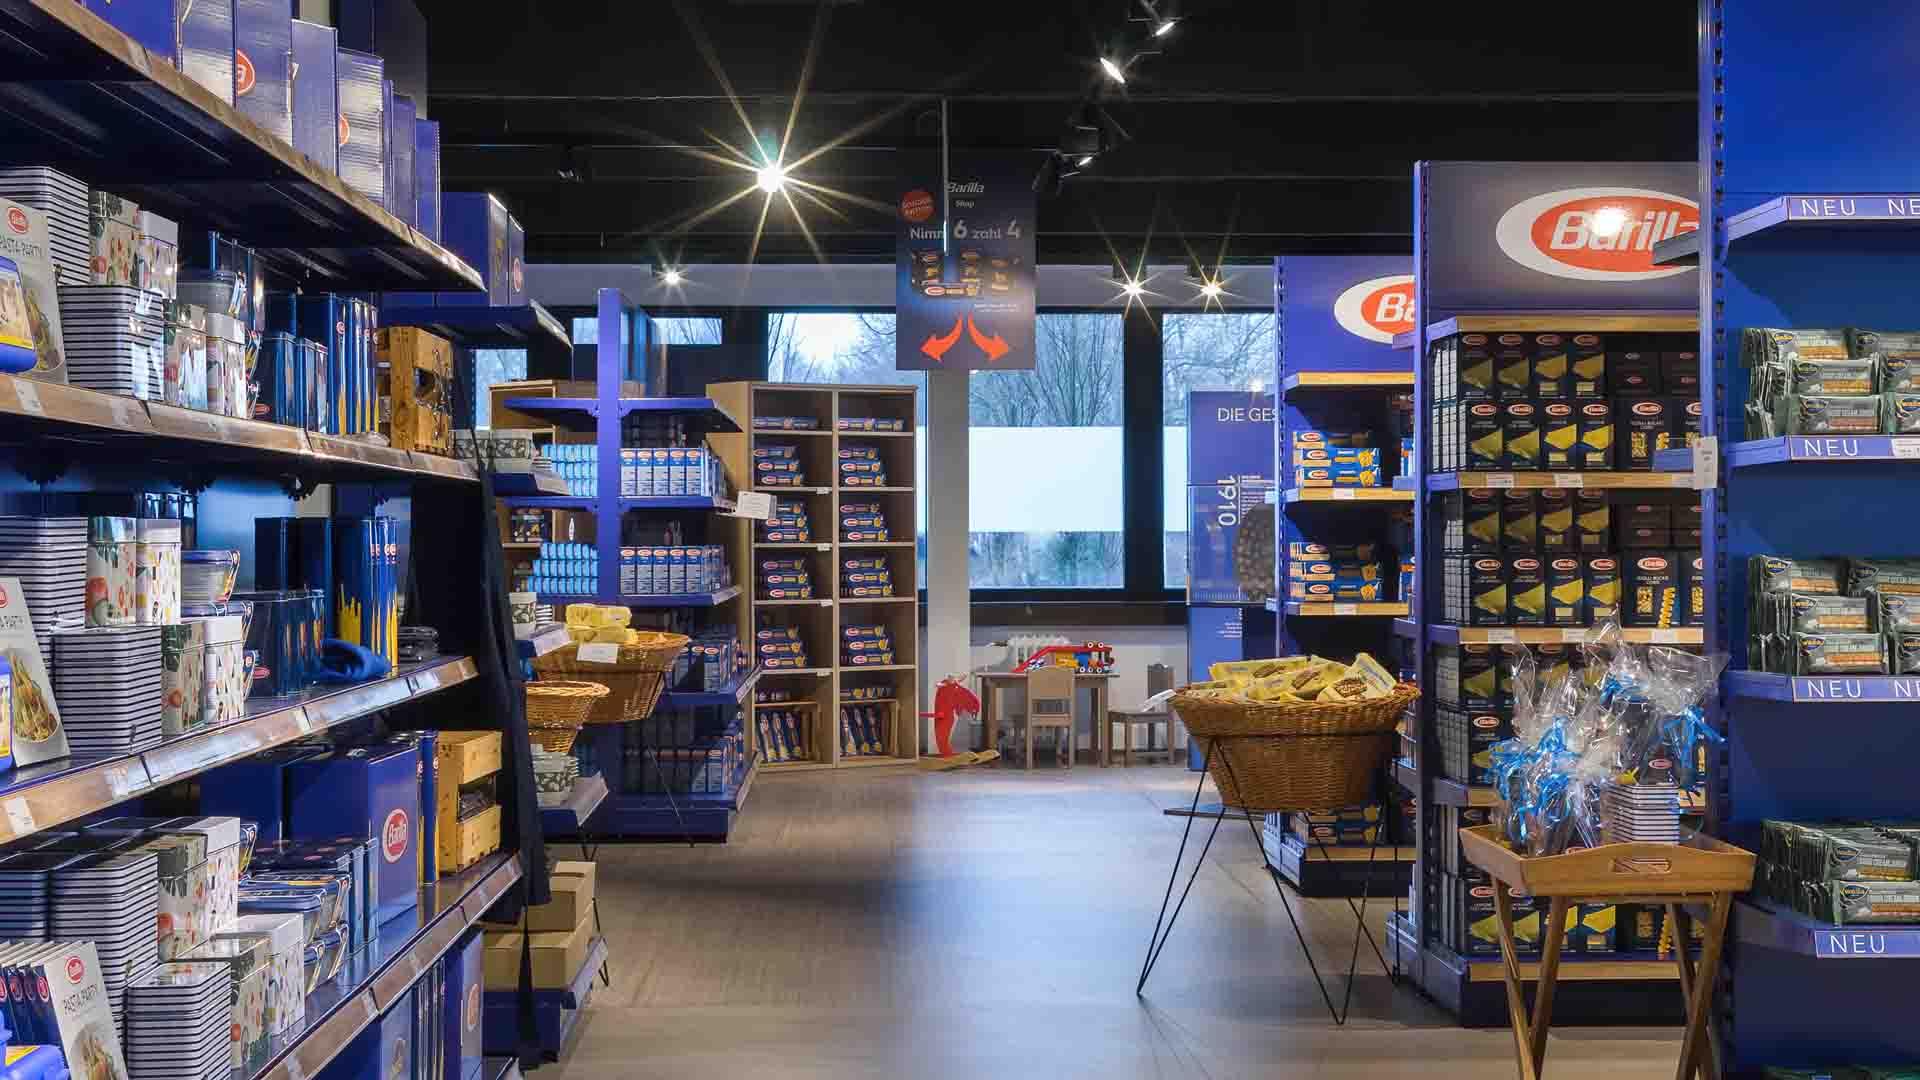 Barilla Shop und Museum